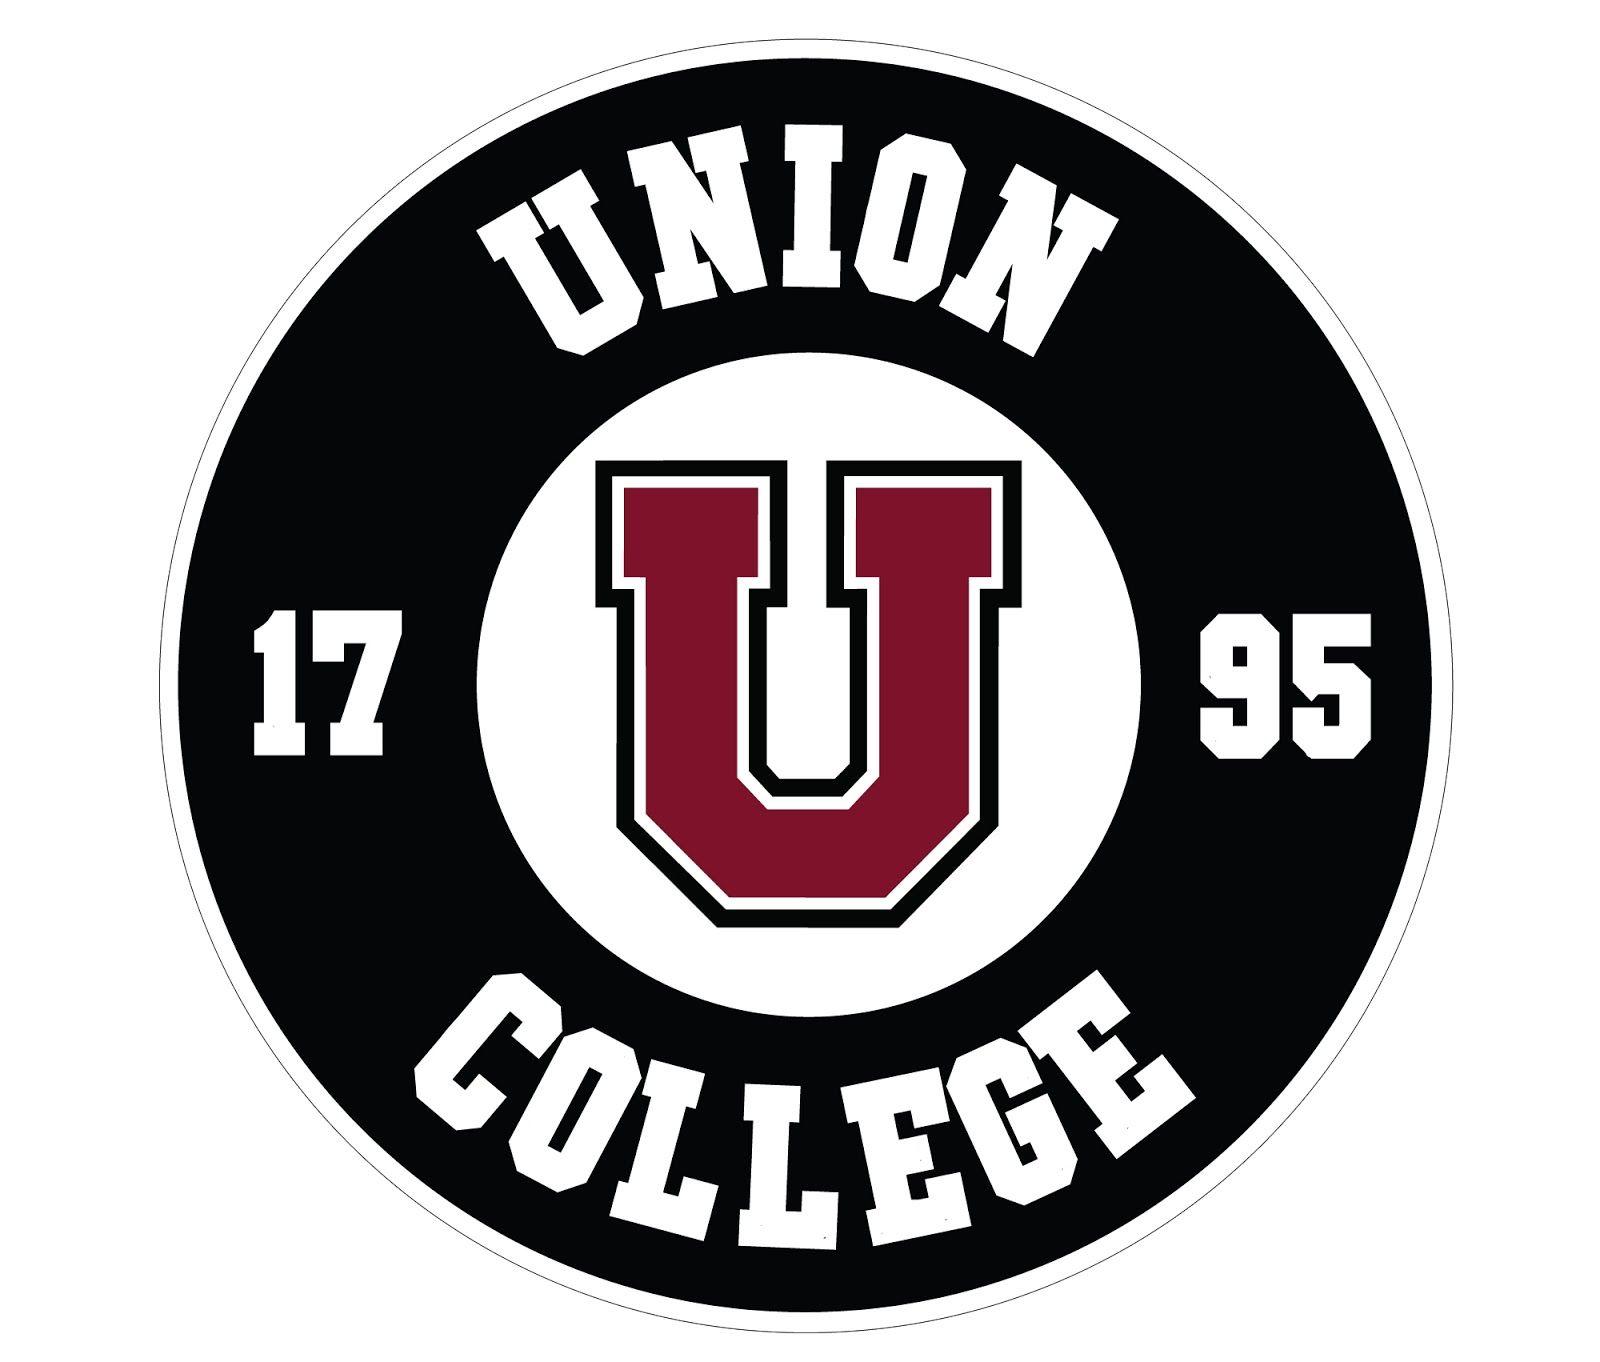 Dutchmen Union College Schenectady New York Div Iii Liberty League Dutchmen Schenectadynewyork Ncaa L11129 Union College College Hockey Hockey Logos